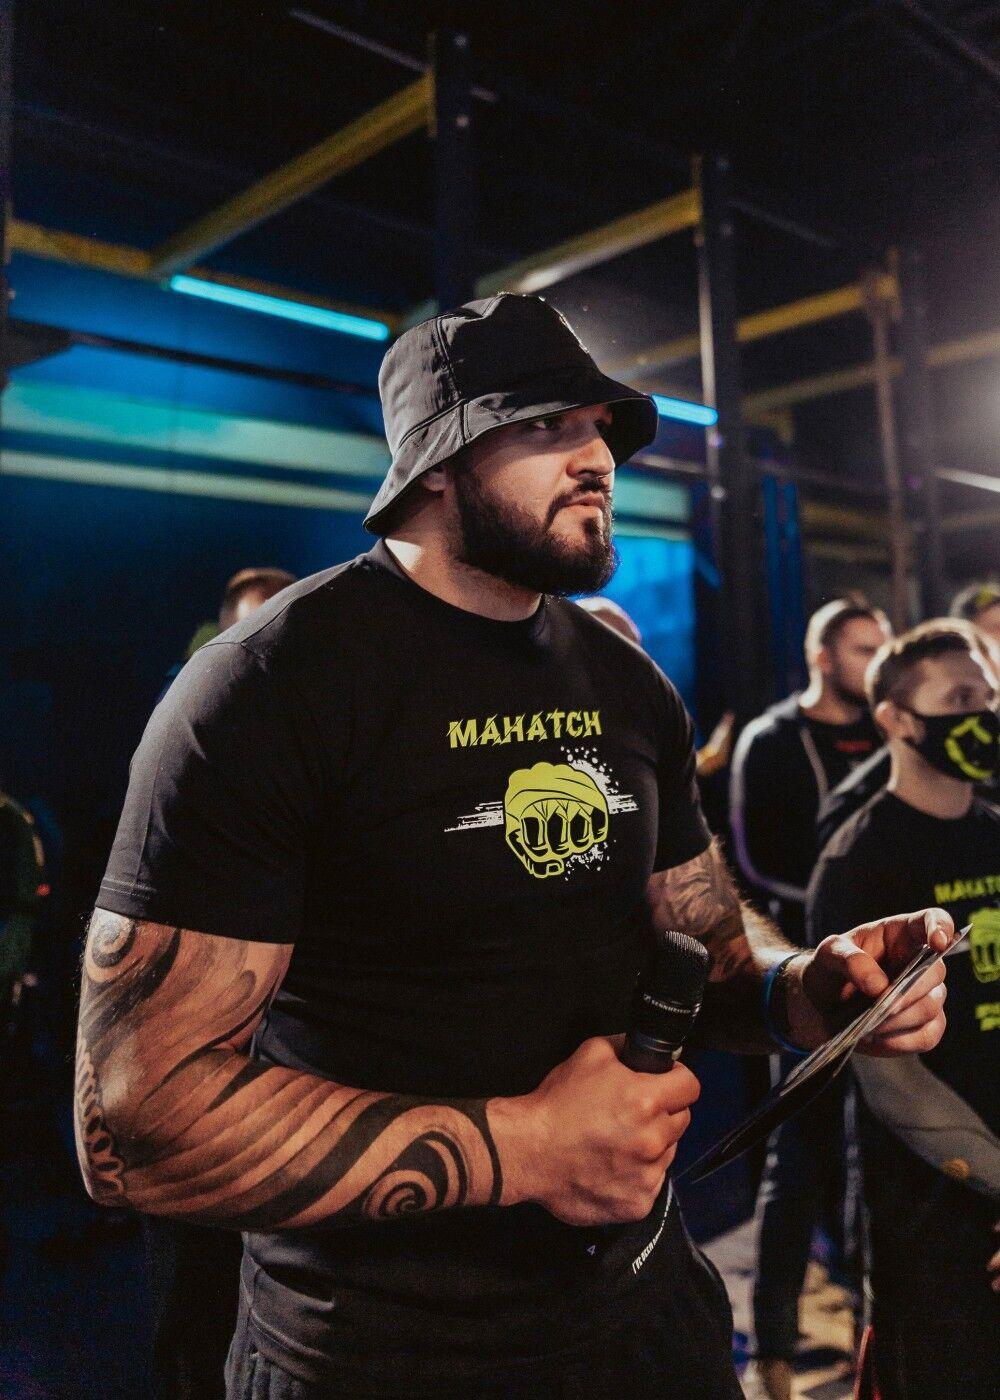 Андрій Лімонтов: за Mahatch давали сотні тисяч доларів після першого сезону